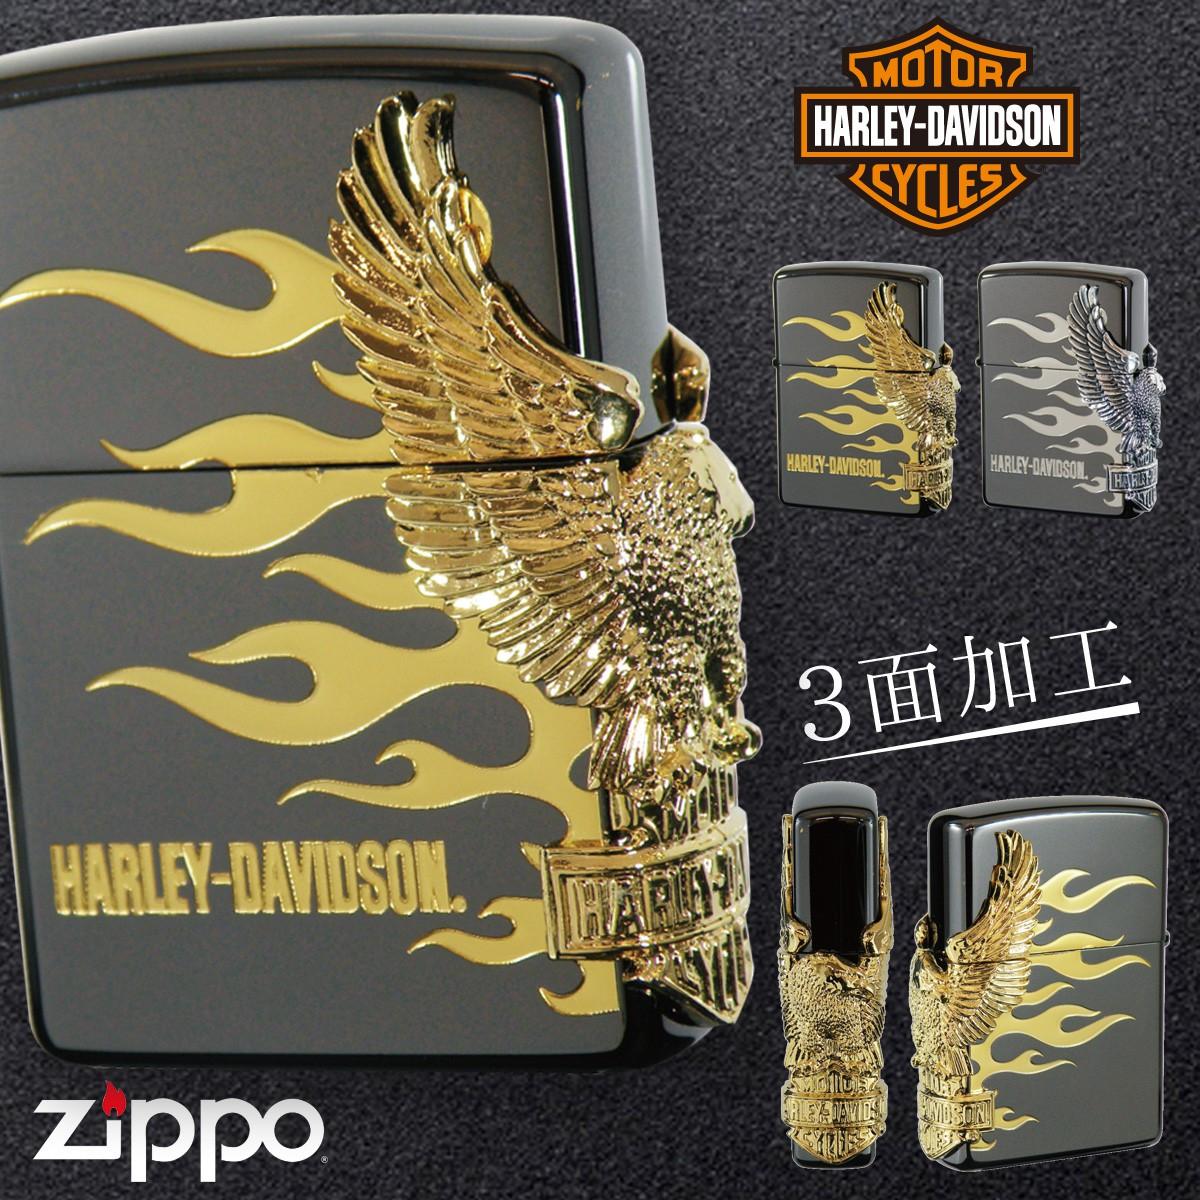 zippo ジッポーライター ハーレーダビットソンサイドメタルHDP01 オイルライター ジッポライター ギフト プレゼント 彼氏 男性 メンズ